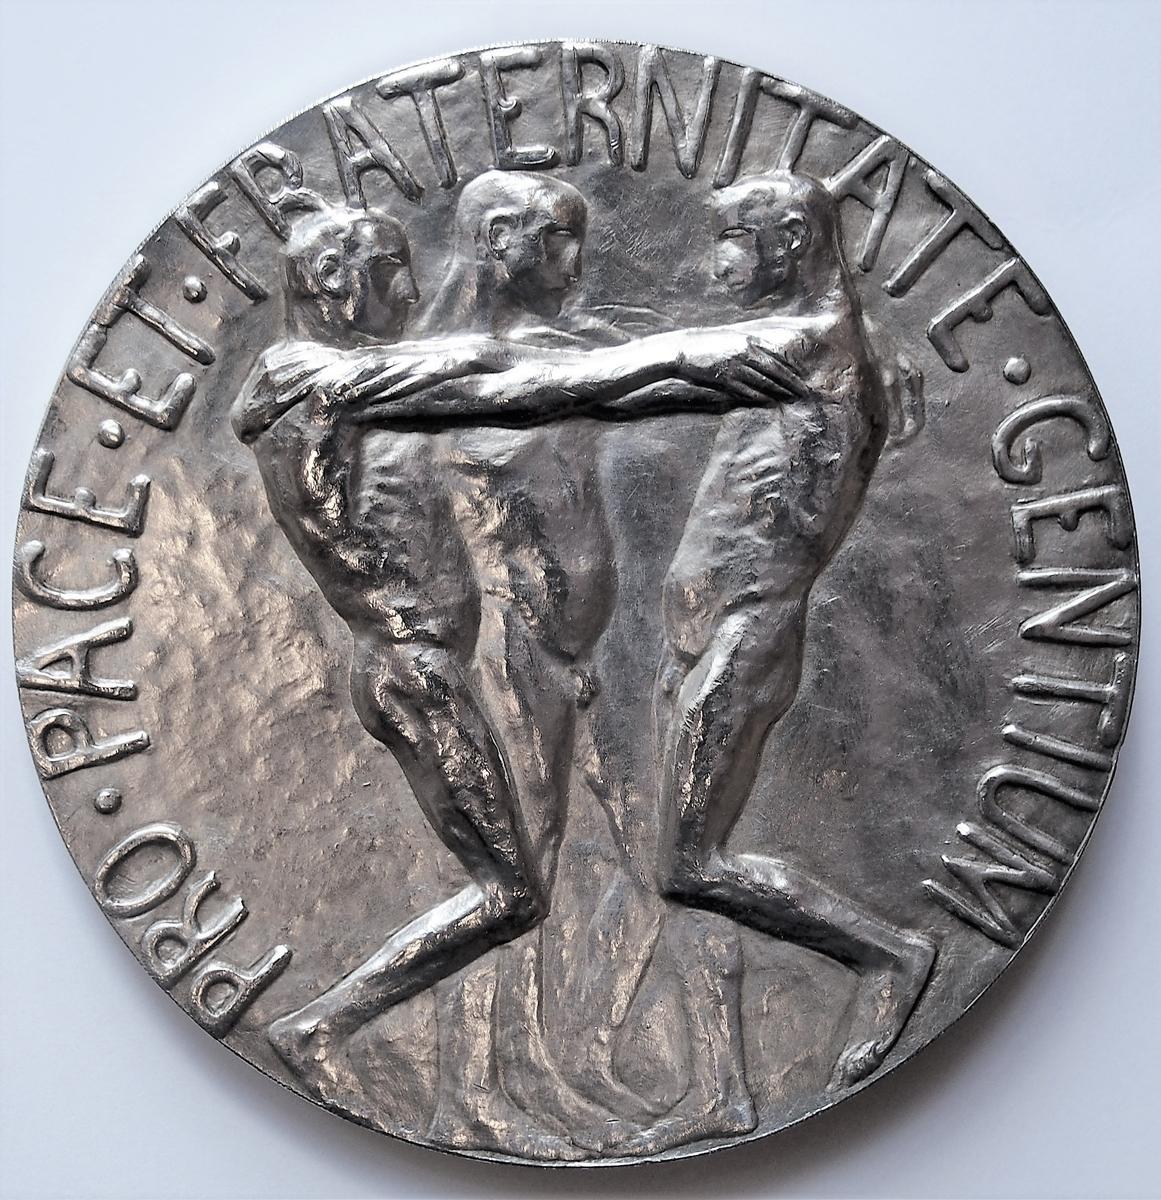 Medalje med motiv på avers: portrett av Alfred Nobel i profil, omgitt av innskriften ALFR.NOBEL.NAT.MDCCCXXXIII.OB.MDCCCXCVI  Til høyre står MODEL.G.VIGELAND   Motiv på revers: tre nakne menn som holder hverandre om skuldrene, omgitt av innskriften PRO.PACE.ET.FRATERNITATE.GENTIUM